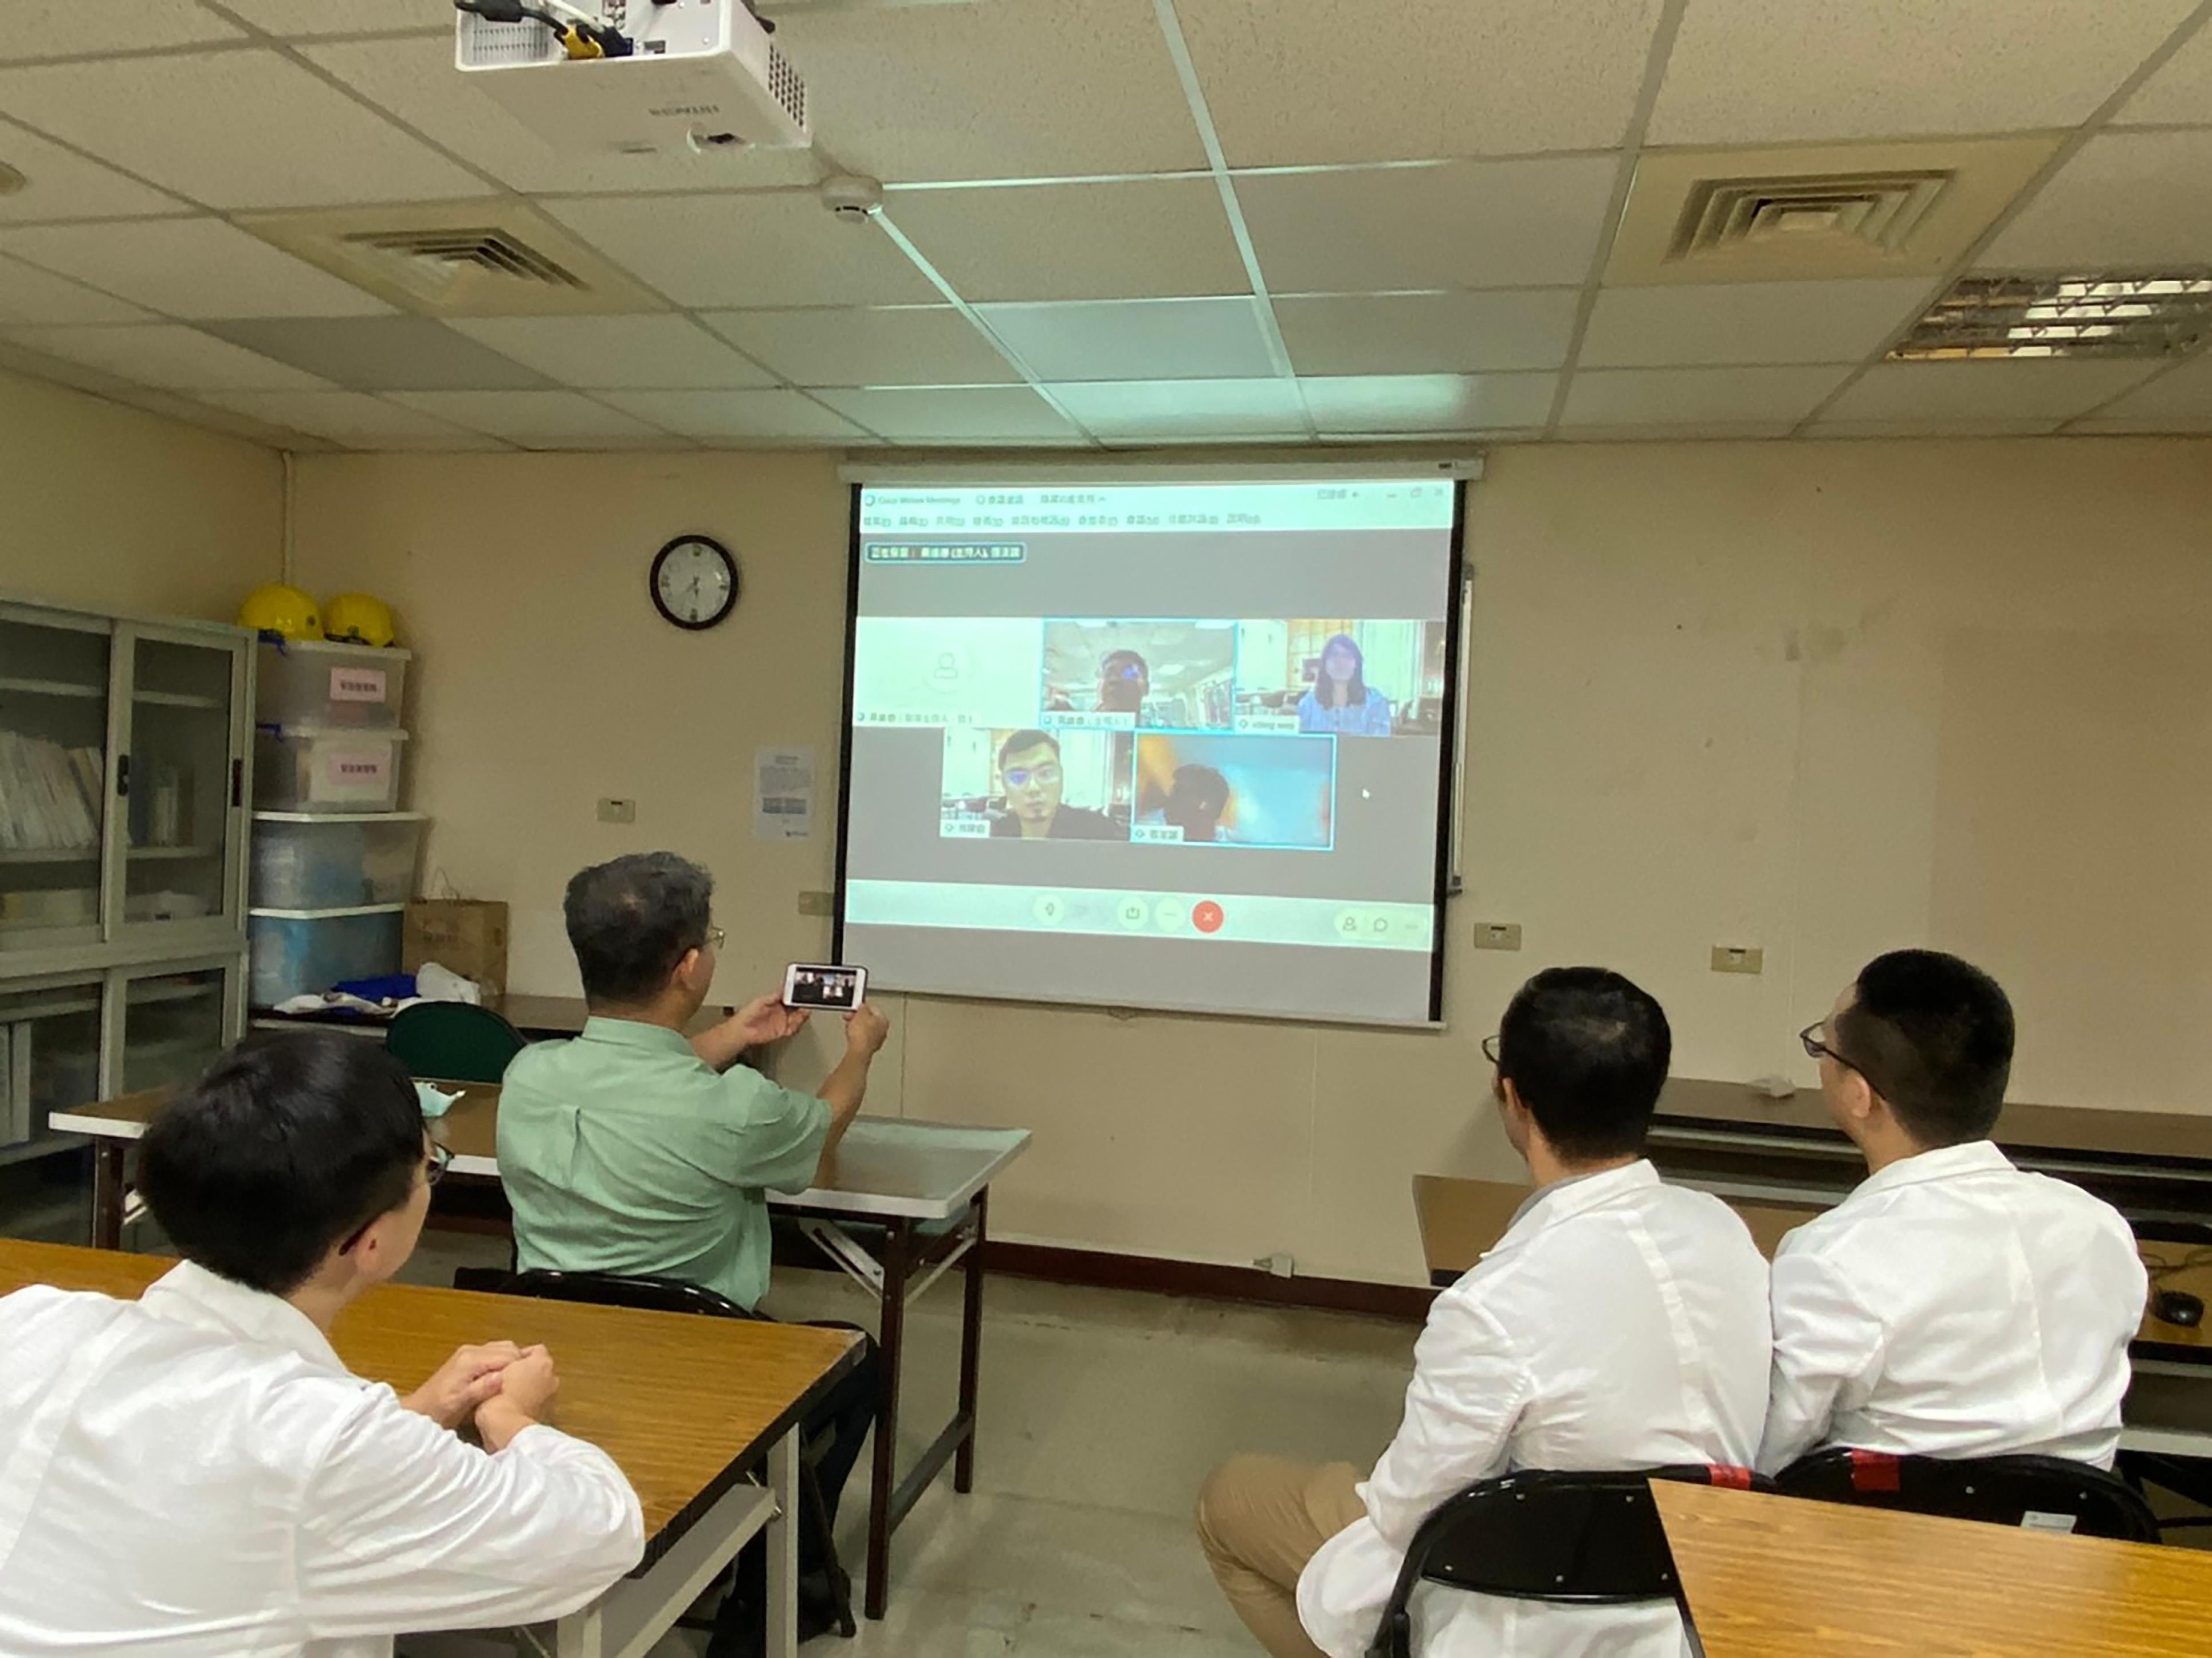 研發照片2_系統規劃會議:中國醫藥大學團隊與臺北醫學大學團隊視訊會議,討論視覺化平台建立、劑量換算功能、處方精簡功能,中醫大設計兩功能的演算法,並資訊交換給北醫